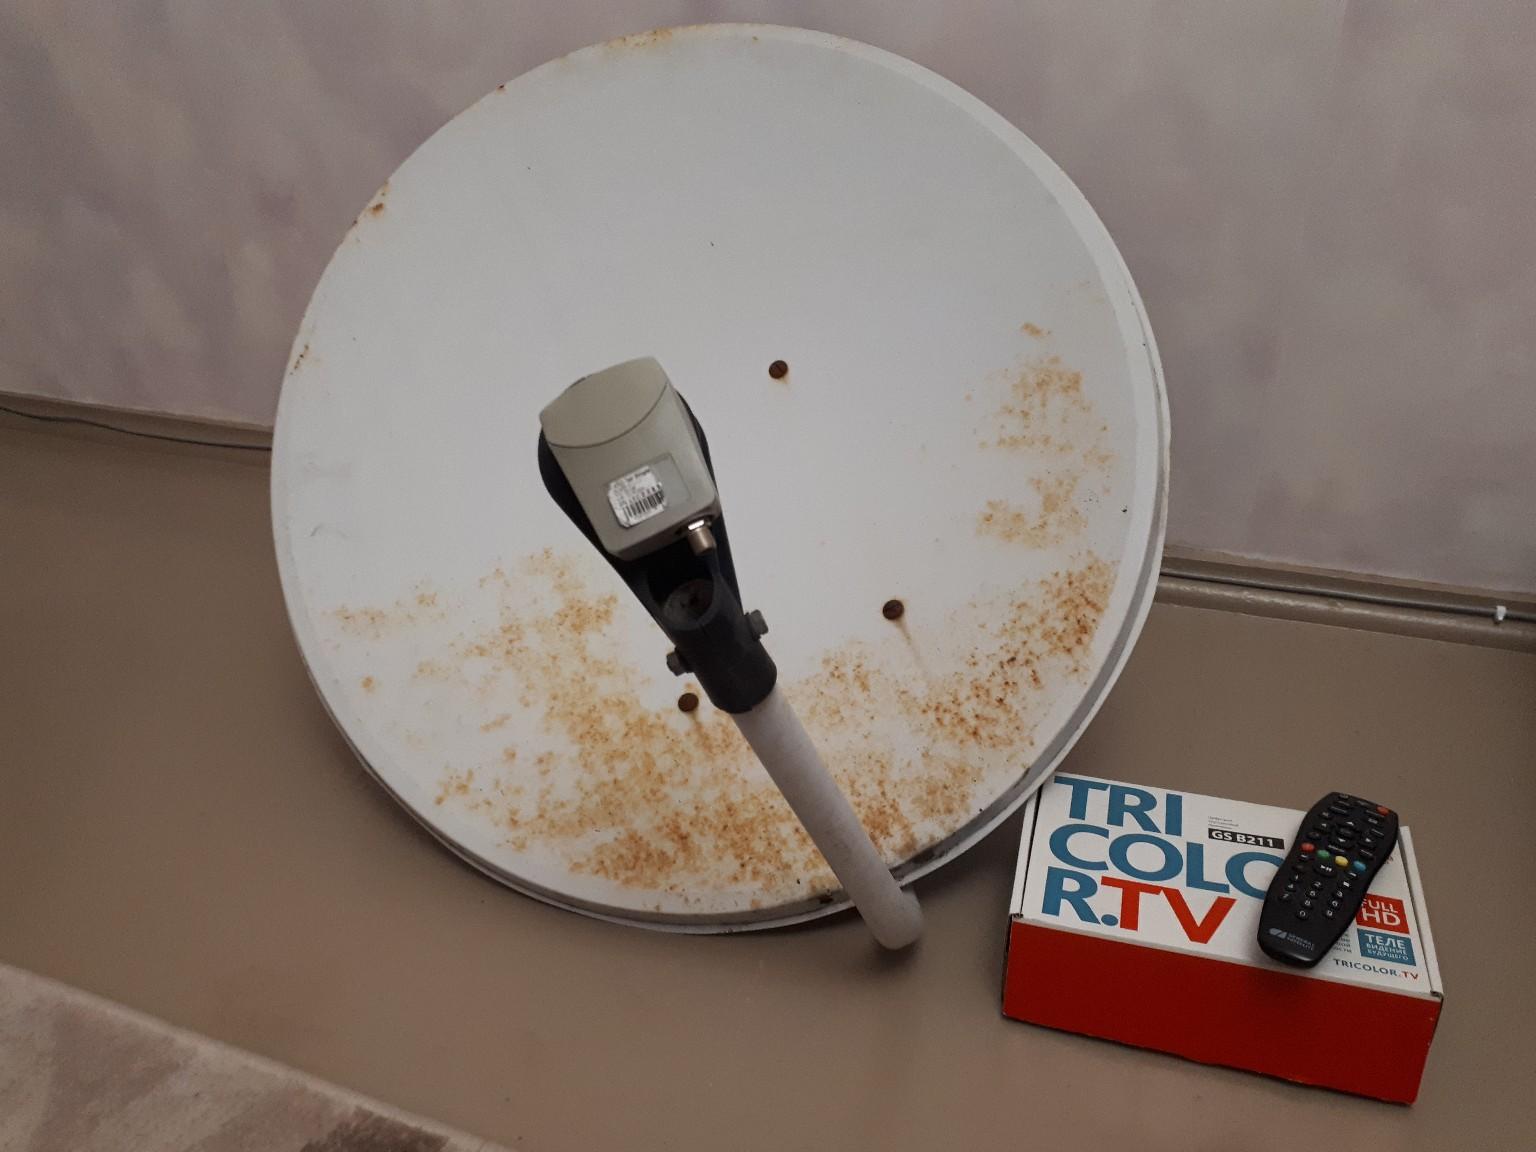 Продам комплект спутникового телевидения: